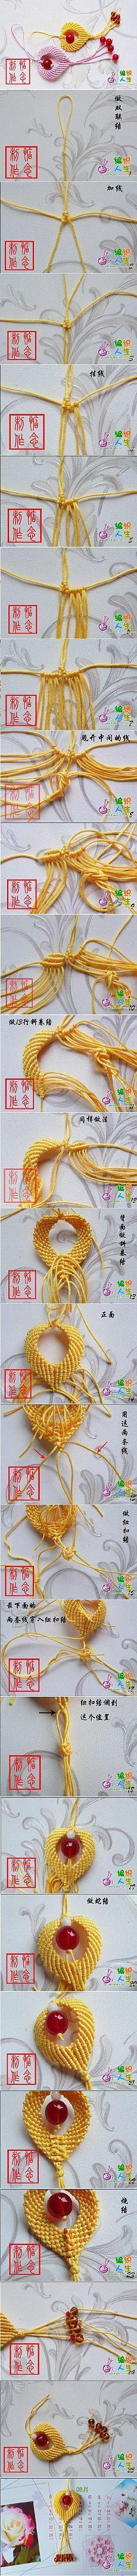 (11) DIY Chinese Knot Heart Ornament | Макраме | Орнамент С Сердцами, Узел и Китайский